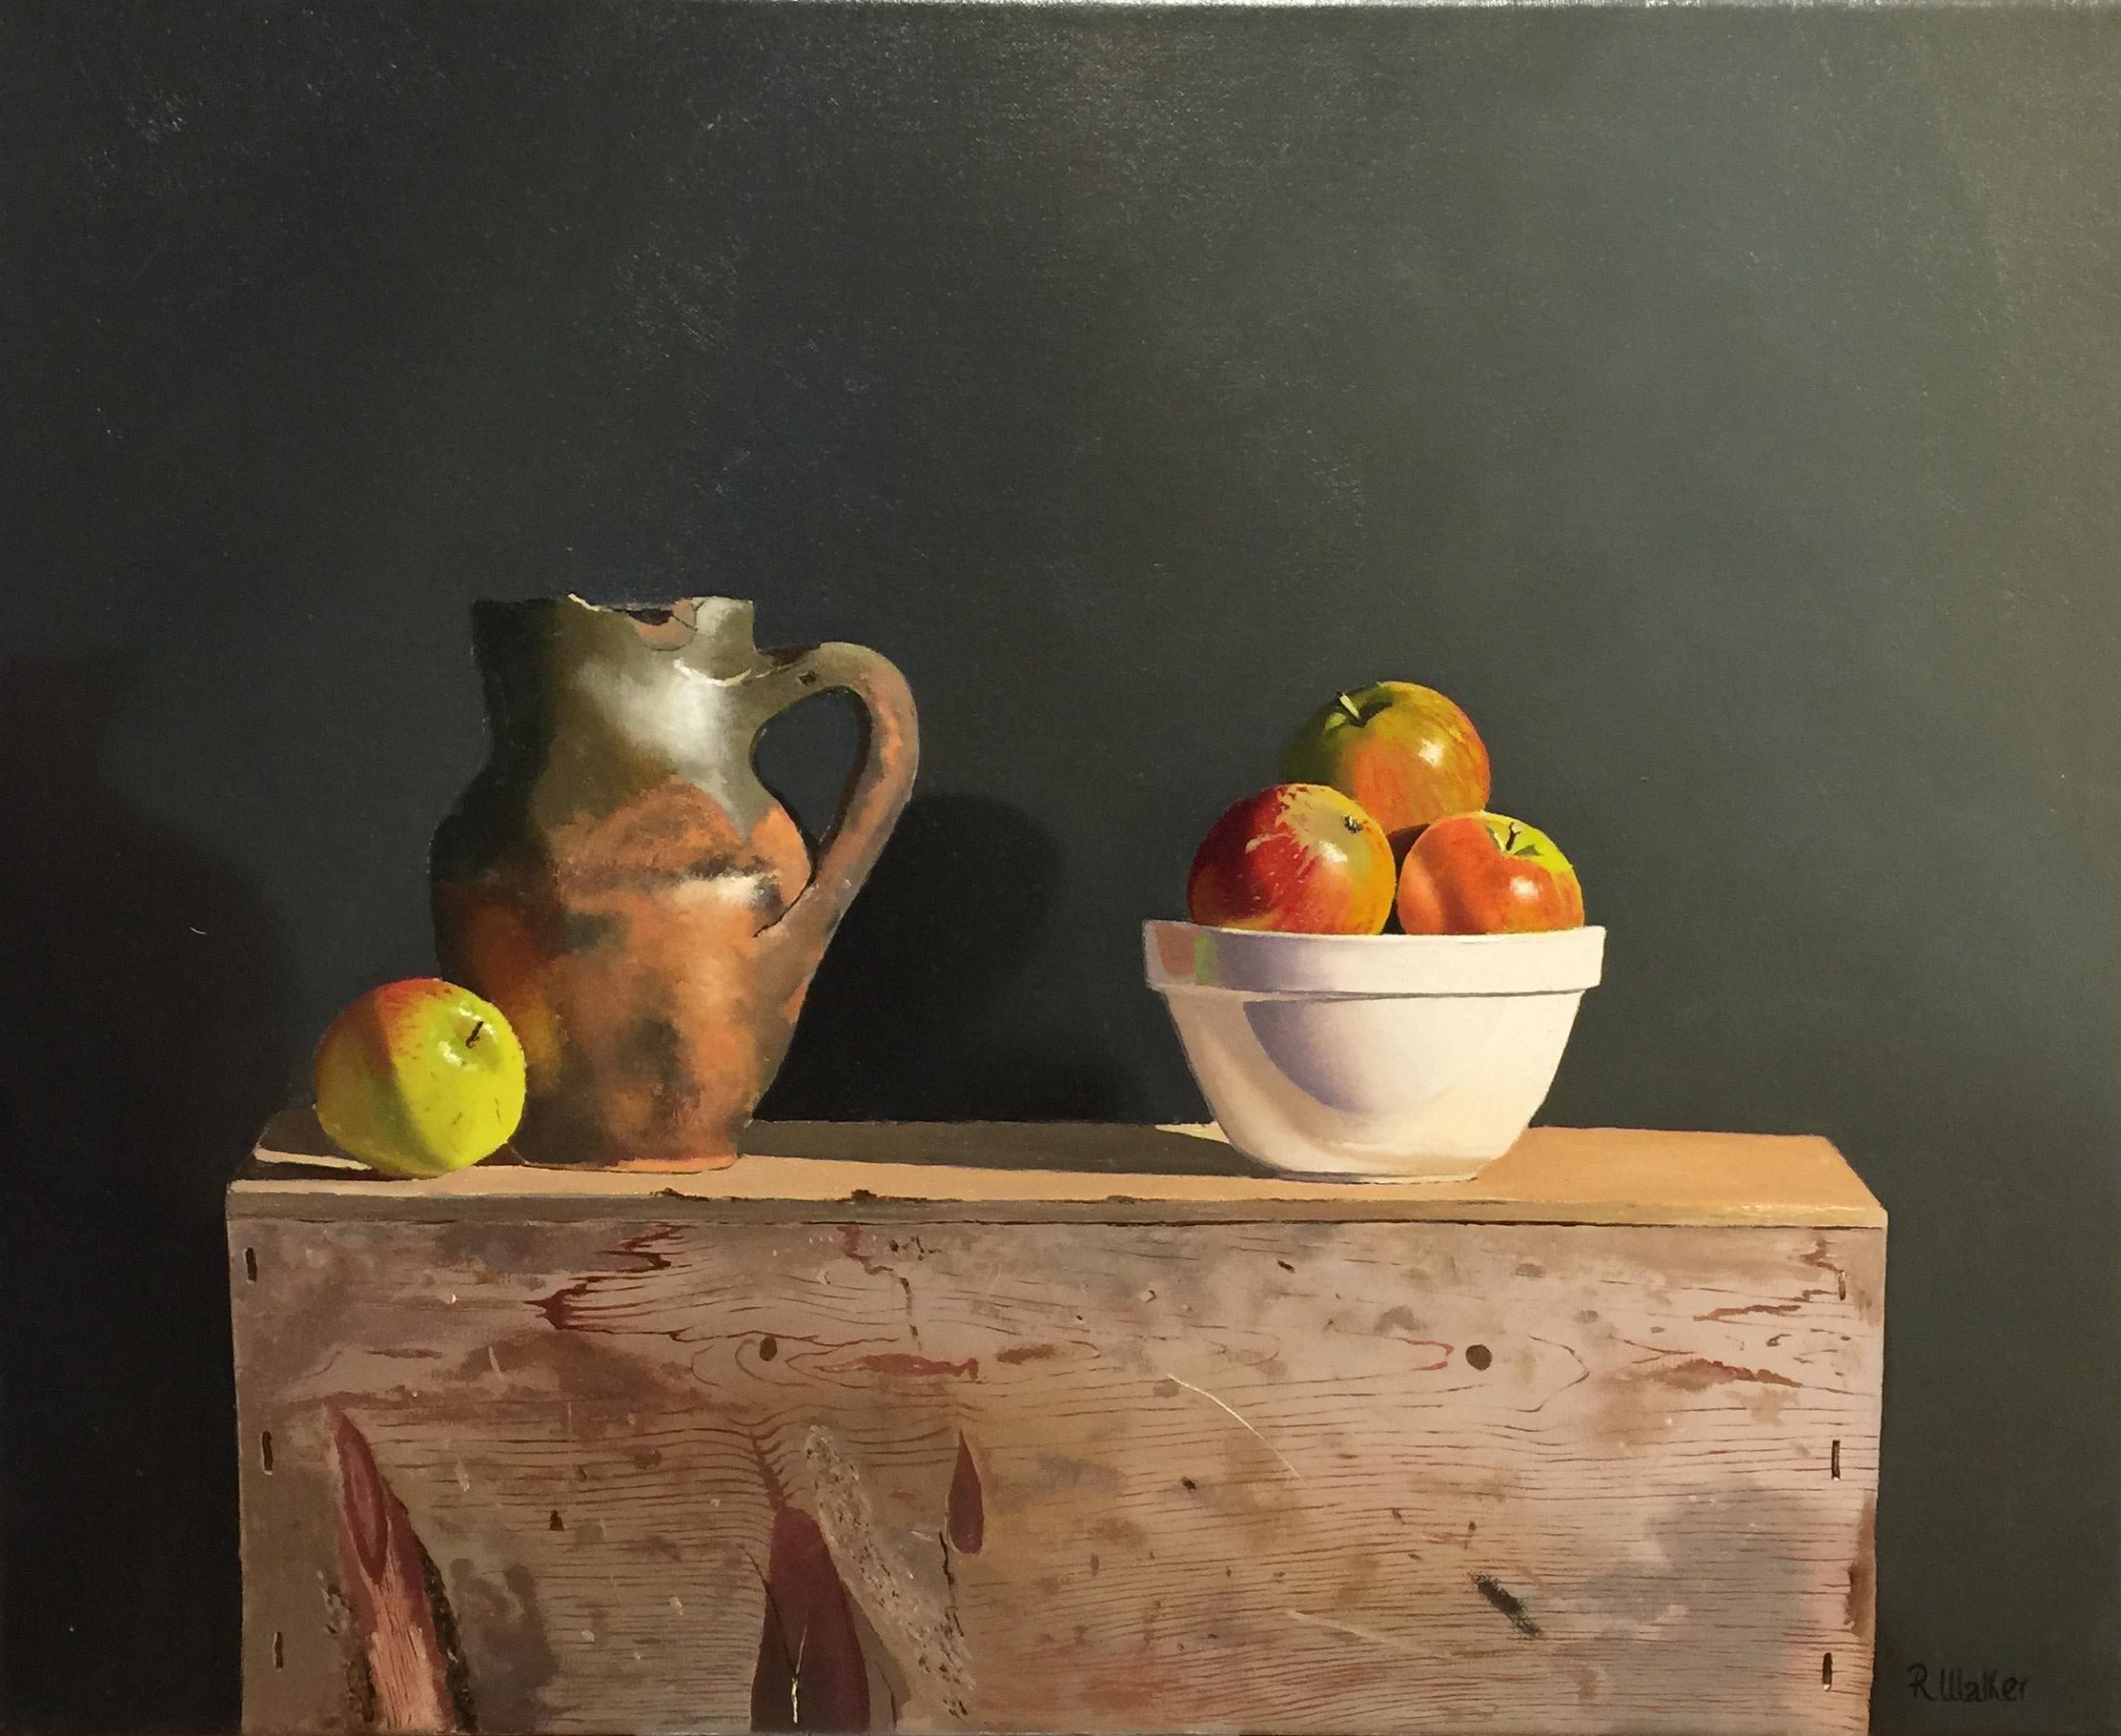 <span class=&#34;link fancybox-details-link&#34;><a href=&#34;/artists/67-robert-walker/works/653-robert-walker-autumn-apples/&#34;>View Detail Page</a></span><div class=&#34;artist&#34;><strong>Robert Walker</strong></div> <div class=&#34;title&#34;><em>Autumn Apples</em></div> <div class=&#34;medium&#34;>Oil on Linen </div> <div class=&#34;dimensions&#34;>42 x 52 cm</div><div class=&#34;price&#34;>£1,350.00</div><div class=&#34;copyright_line&#34;>Copyright The Artist</div>